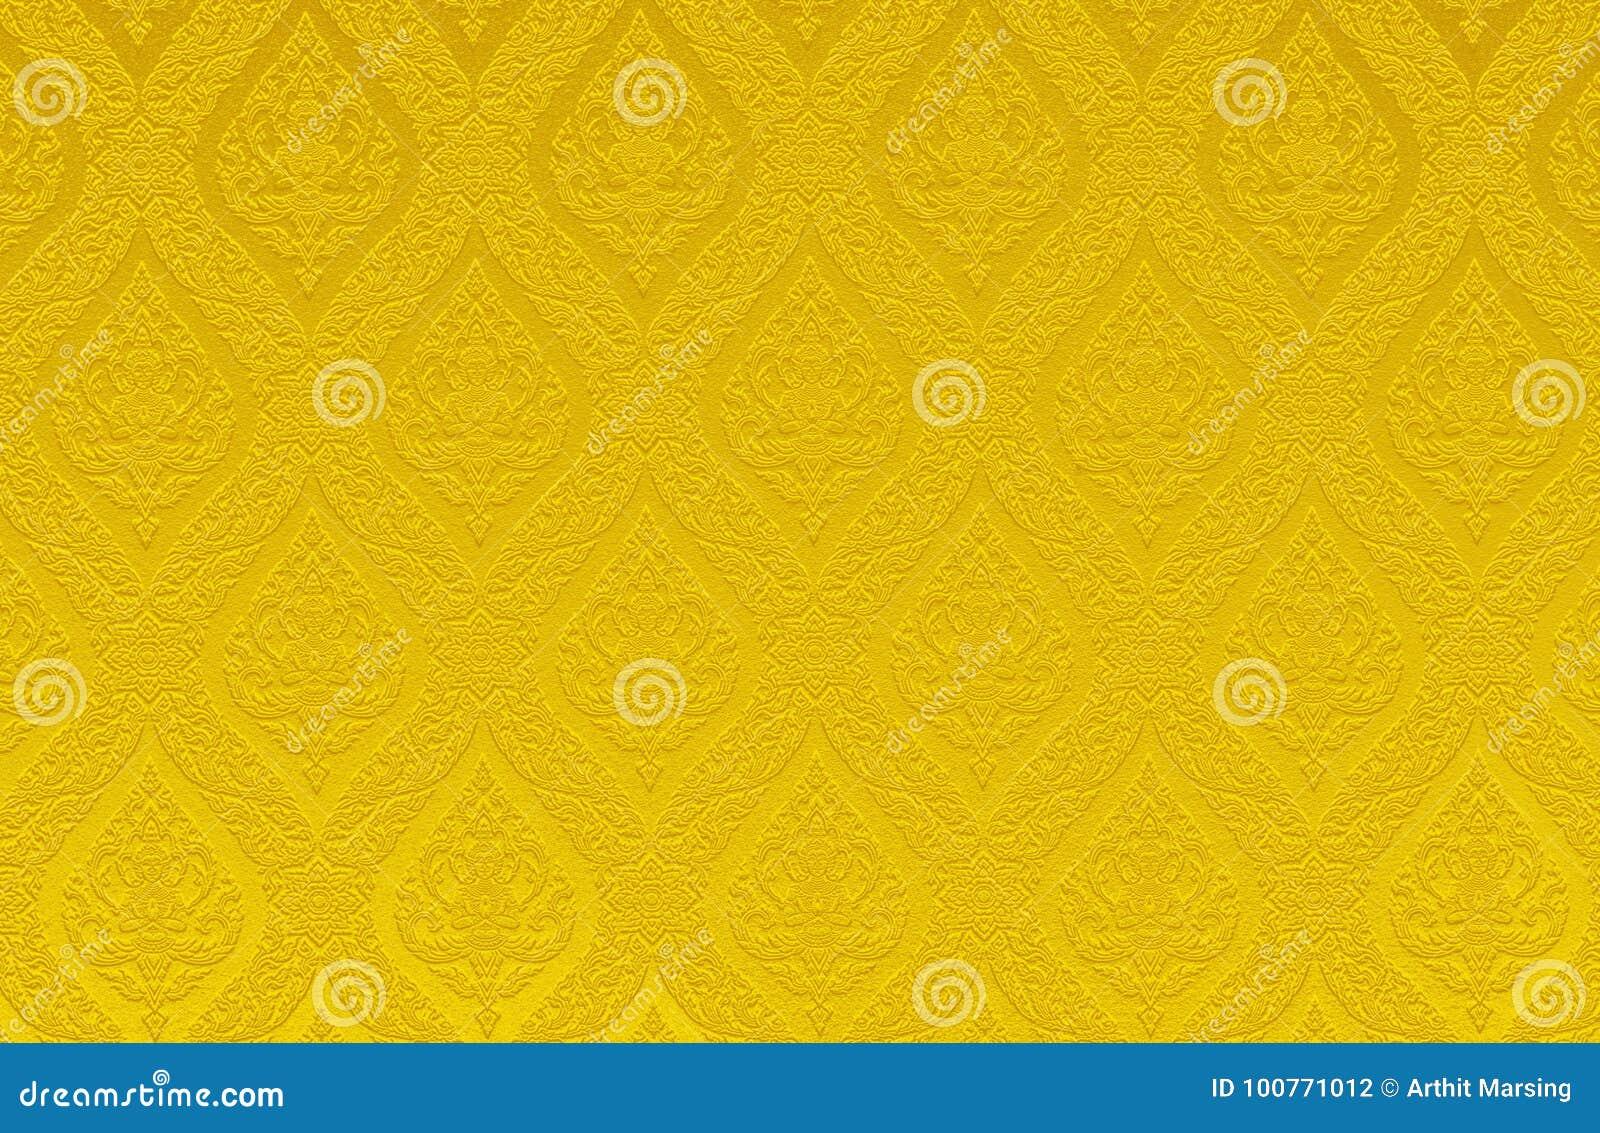 O fundo do sumário do teste padrão da textura da cor do ouro pode ser uso como a capa do folheto da poupança de tela do papel de